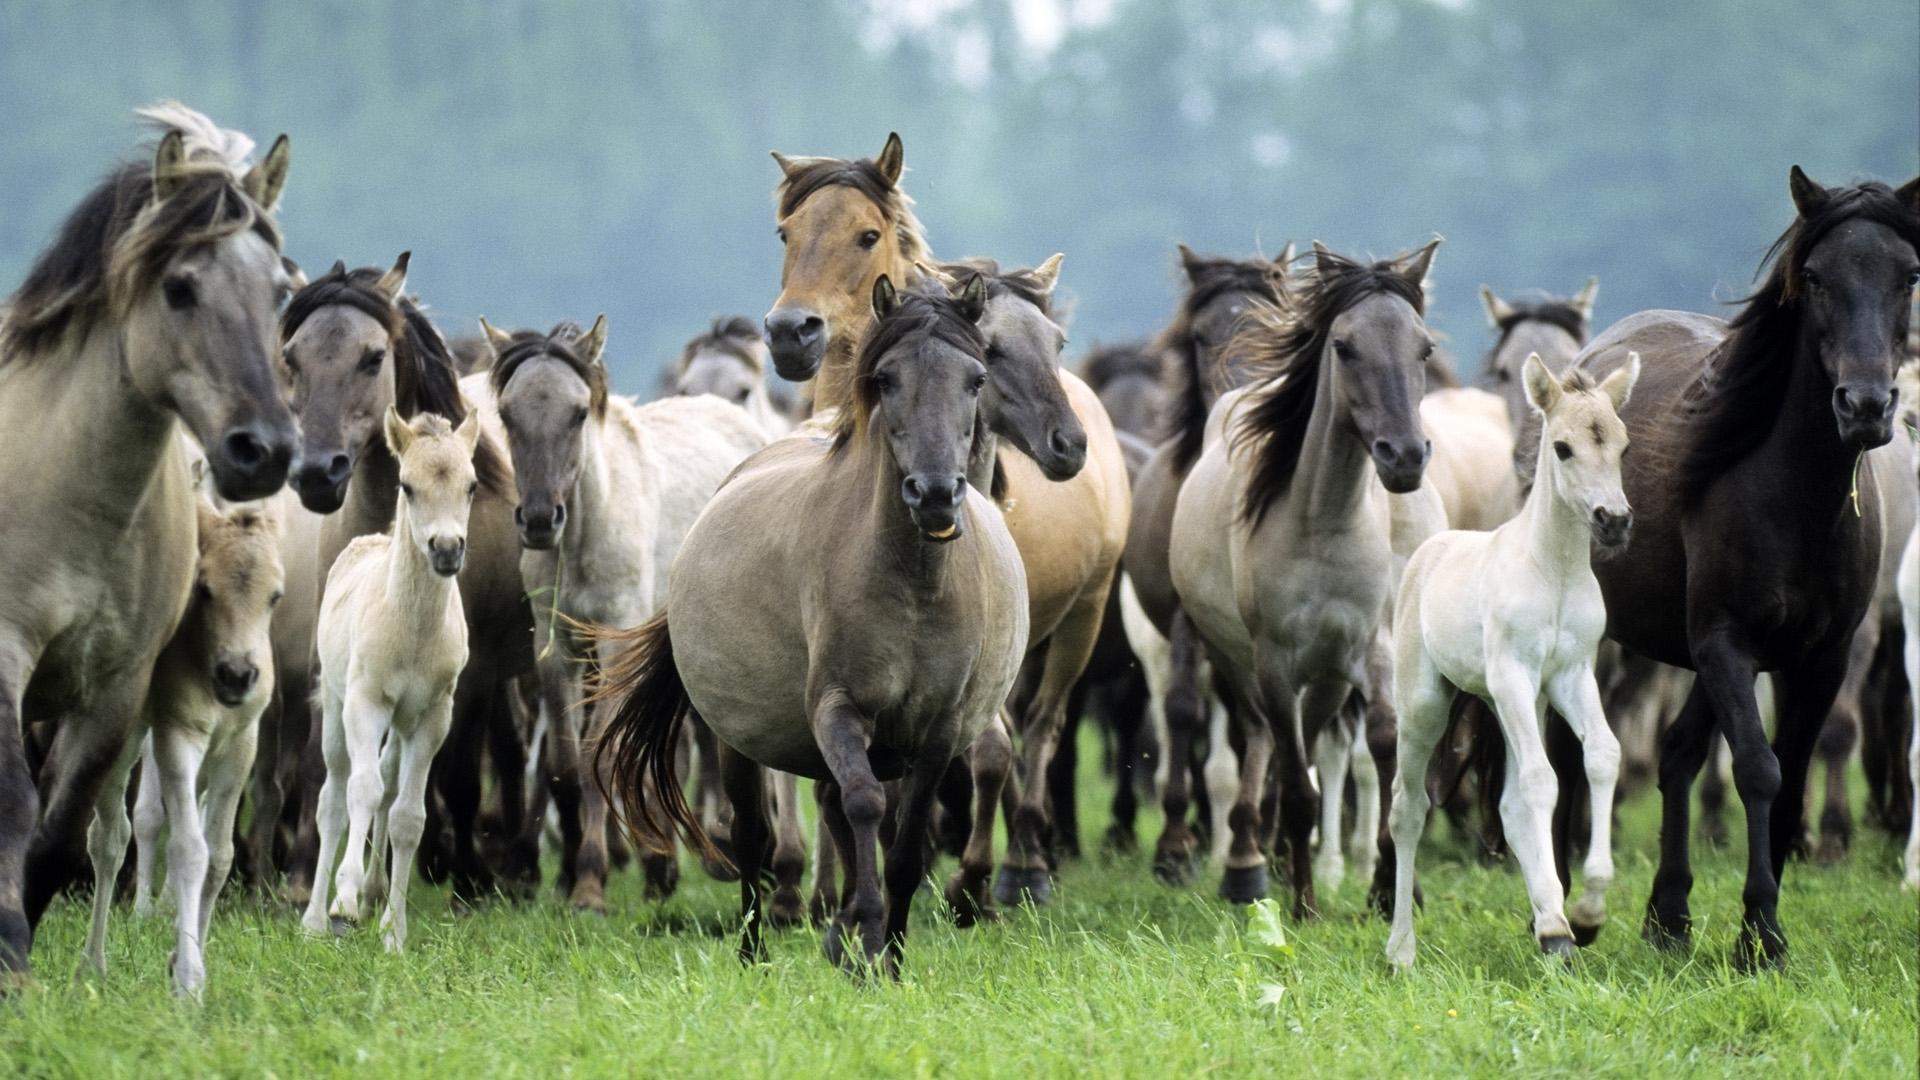 Il sistema sociale nella mandrie di cavalli: un sistema complesso e dinamico